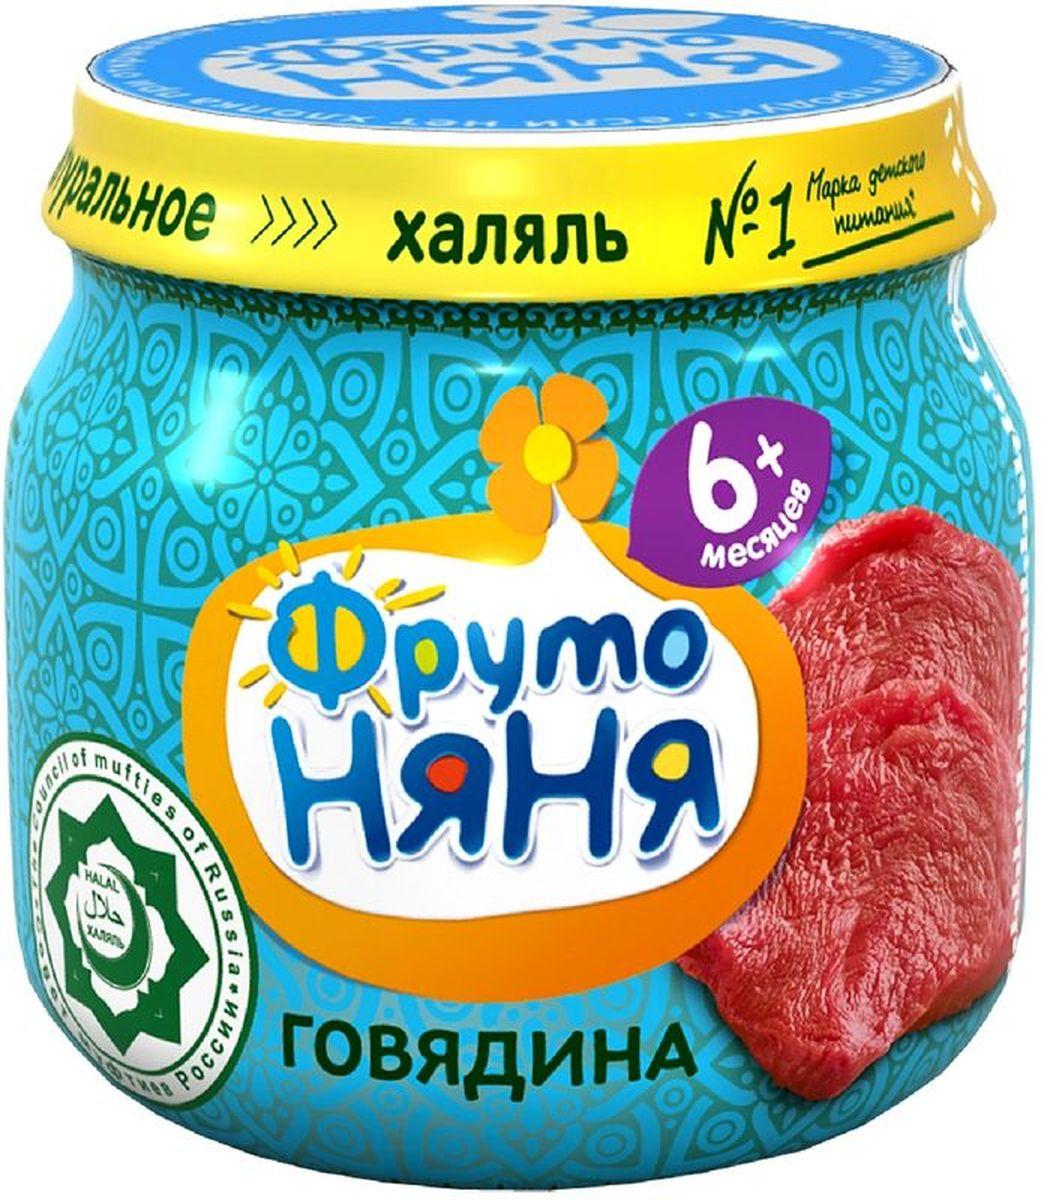 ФрутоНяня пюре халяль говядина с 6 месяцев, 80 г фрутоняня пюре из моркови с 4 месяцев 80 г